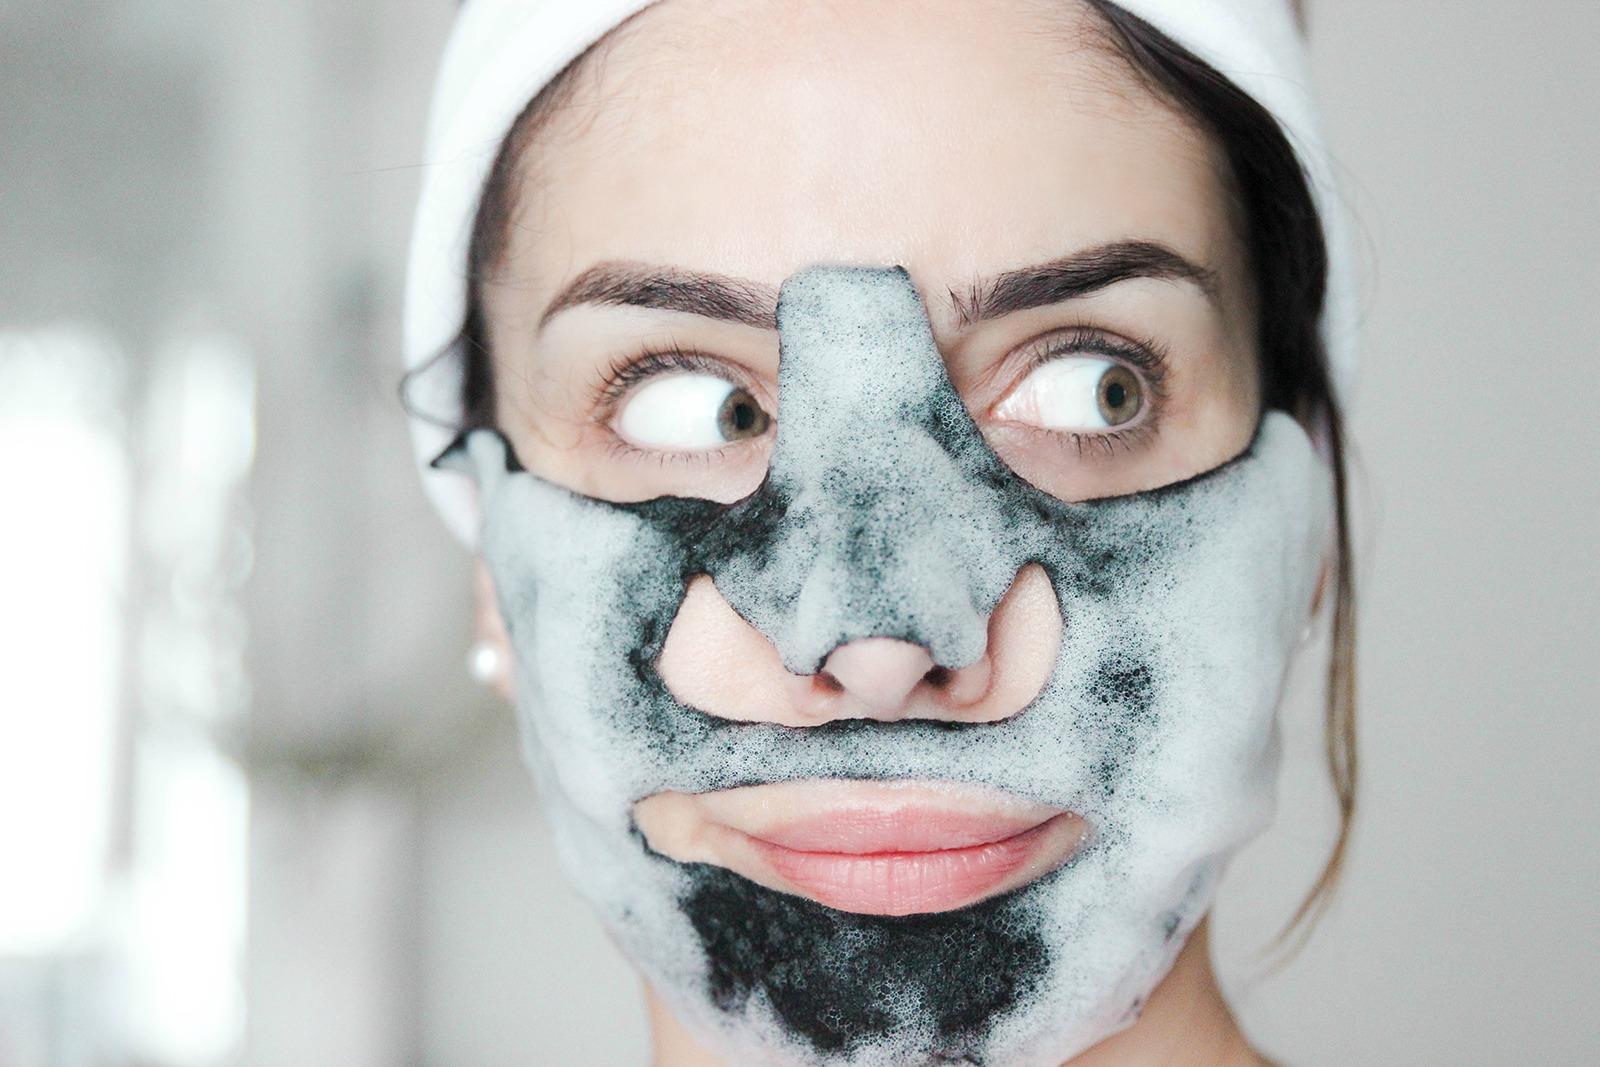 Masque-Moussant-bubblemask-3